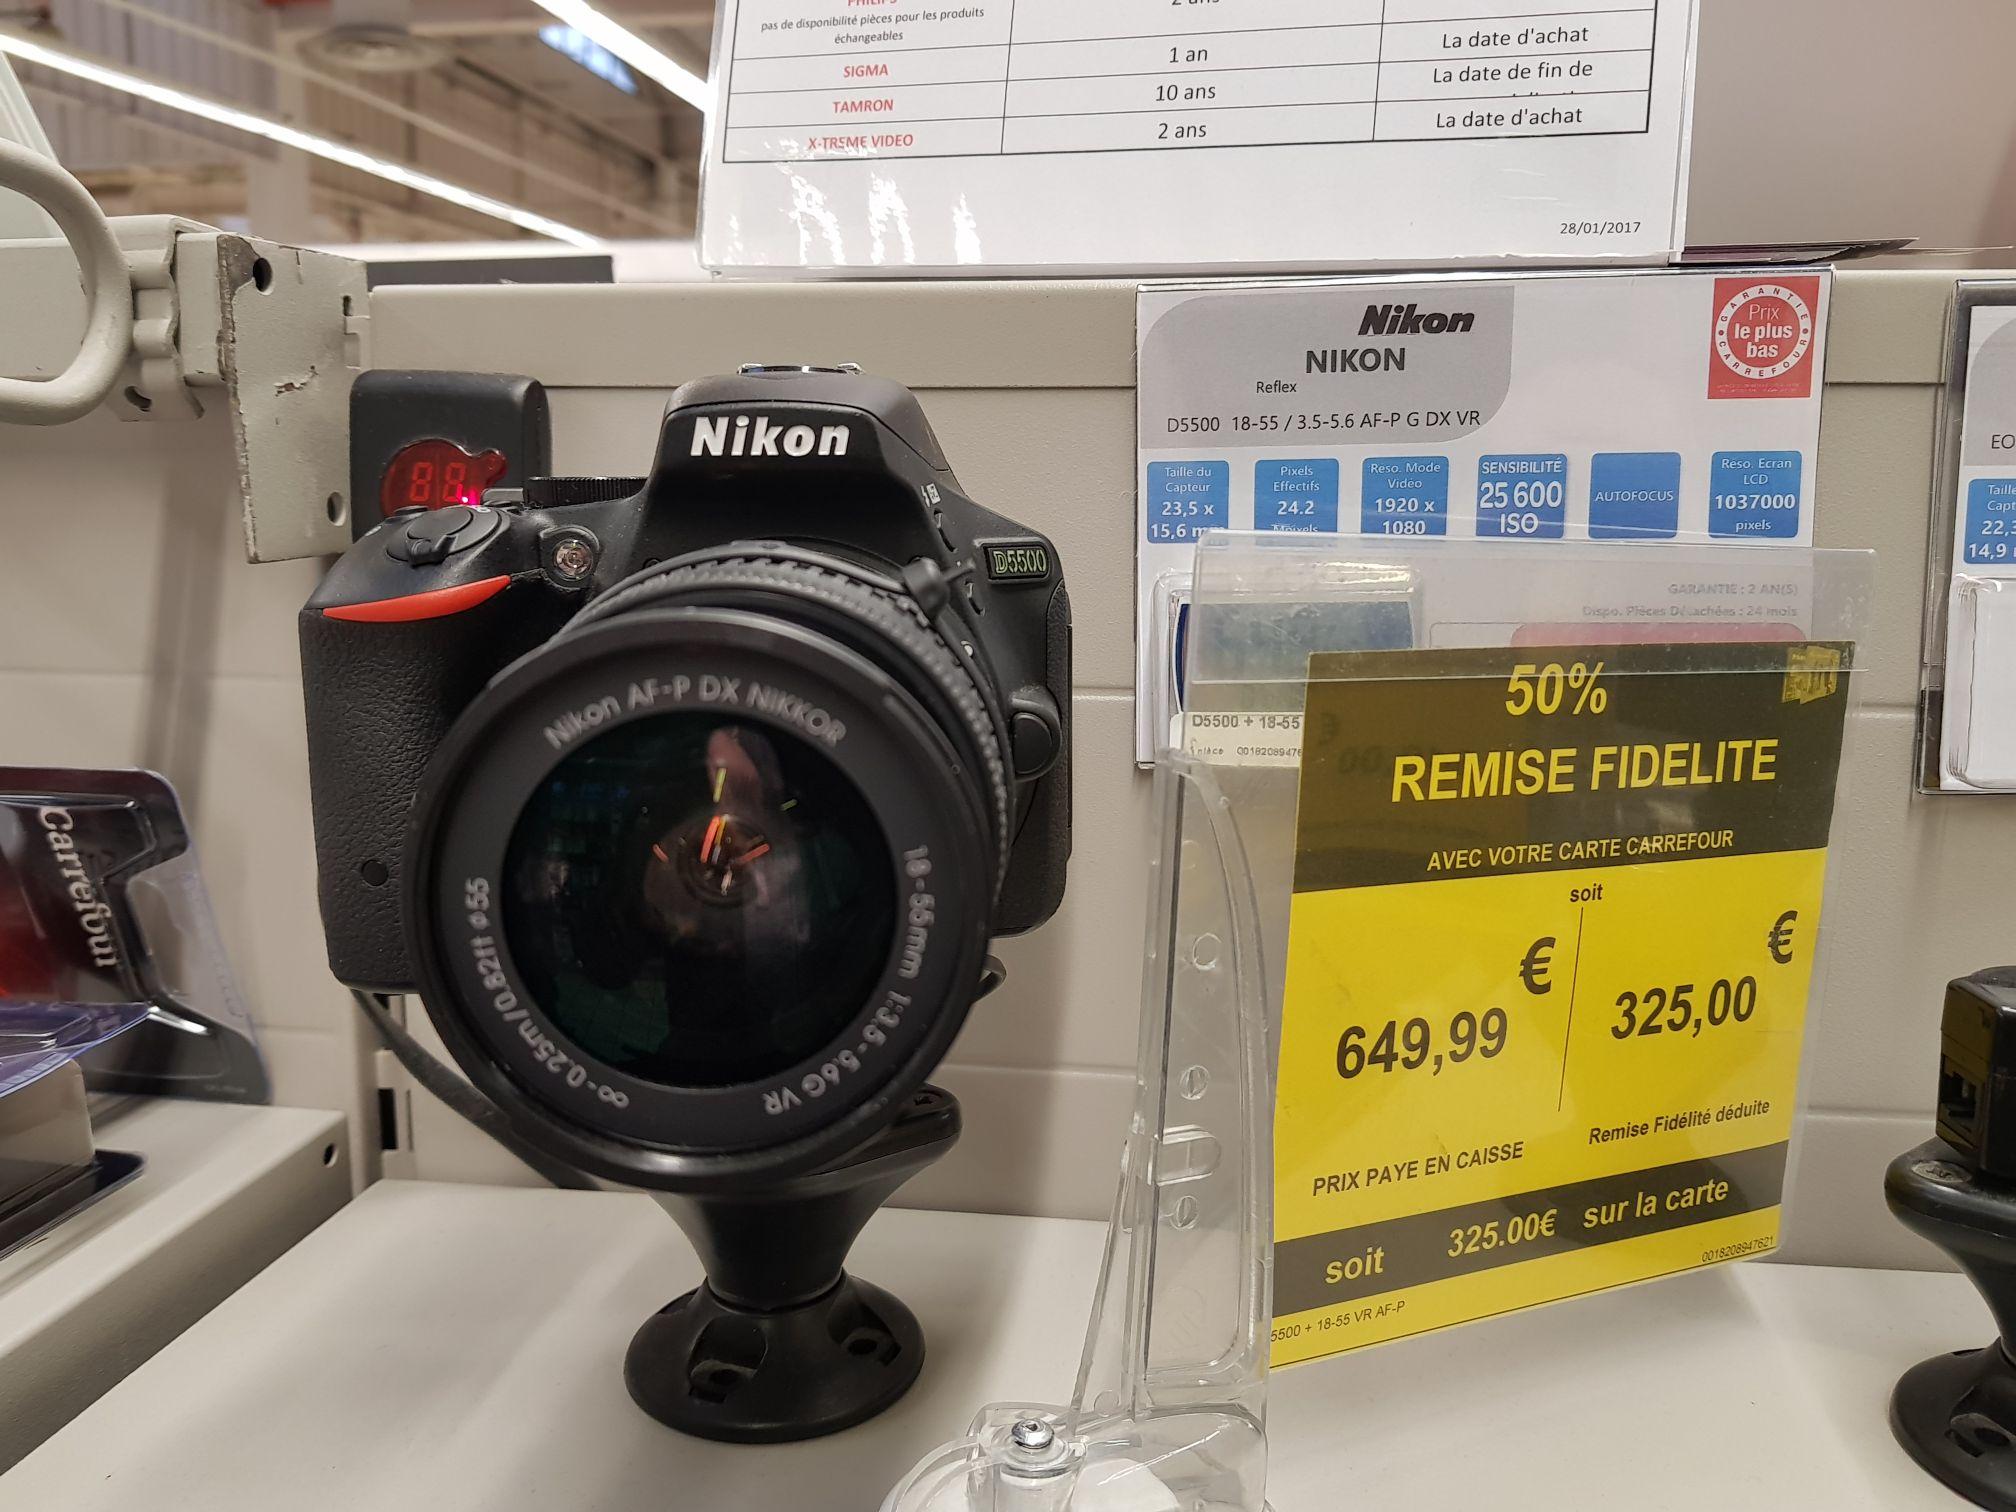 Appareil photo Nikon D5500 + Objectif 18-55 VR (avec 325€ sur la carte) - Chambéry (73)